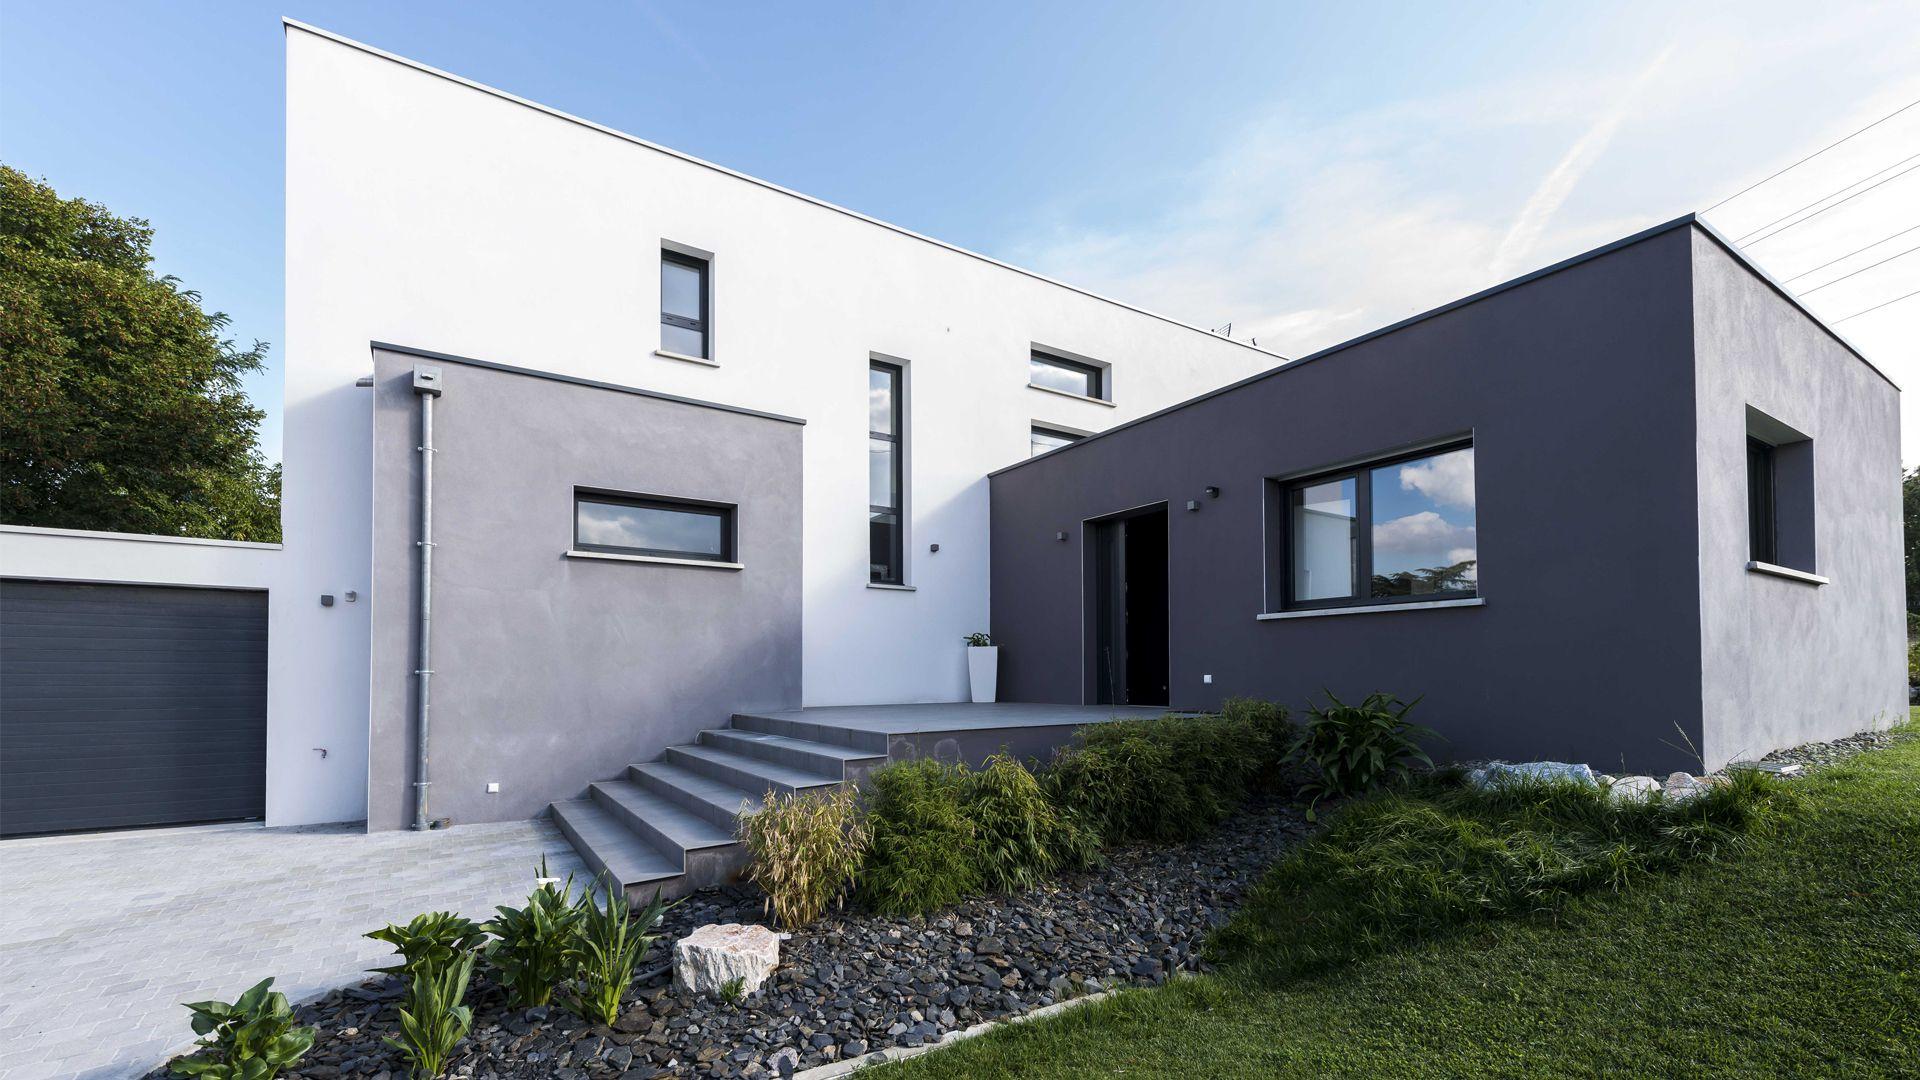 Seuil-architecture-maison-bioclimatique-Balma-Devant-slid-compressor